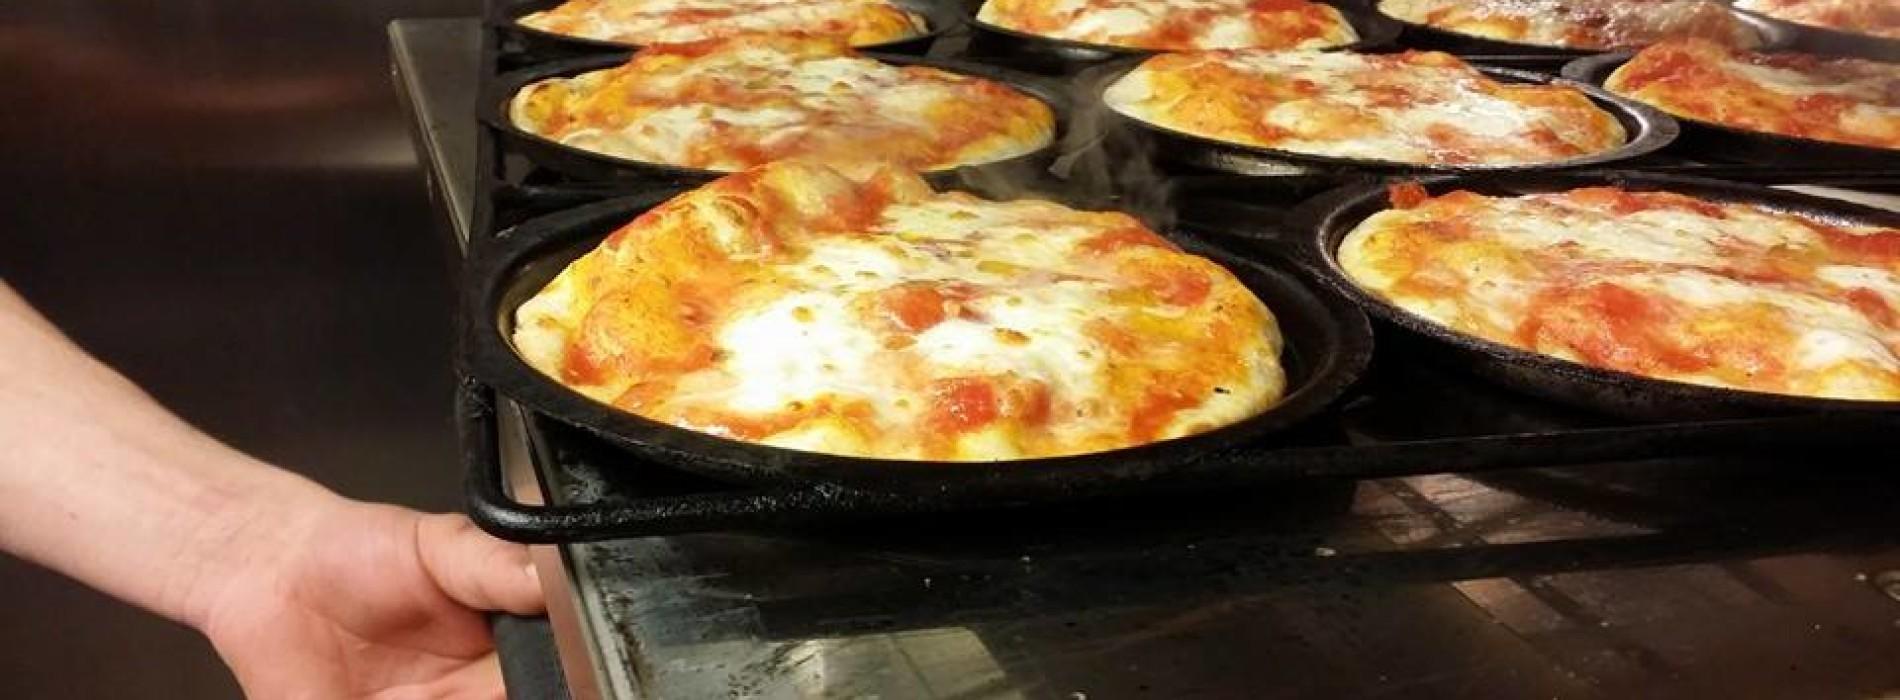 Pizza Trieste a Roma: la pizzetta d'asporto abruzzese che mancava a Monti